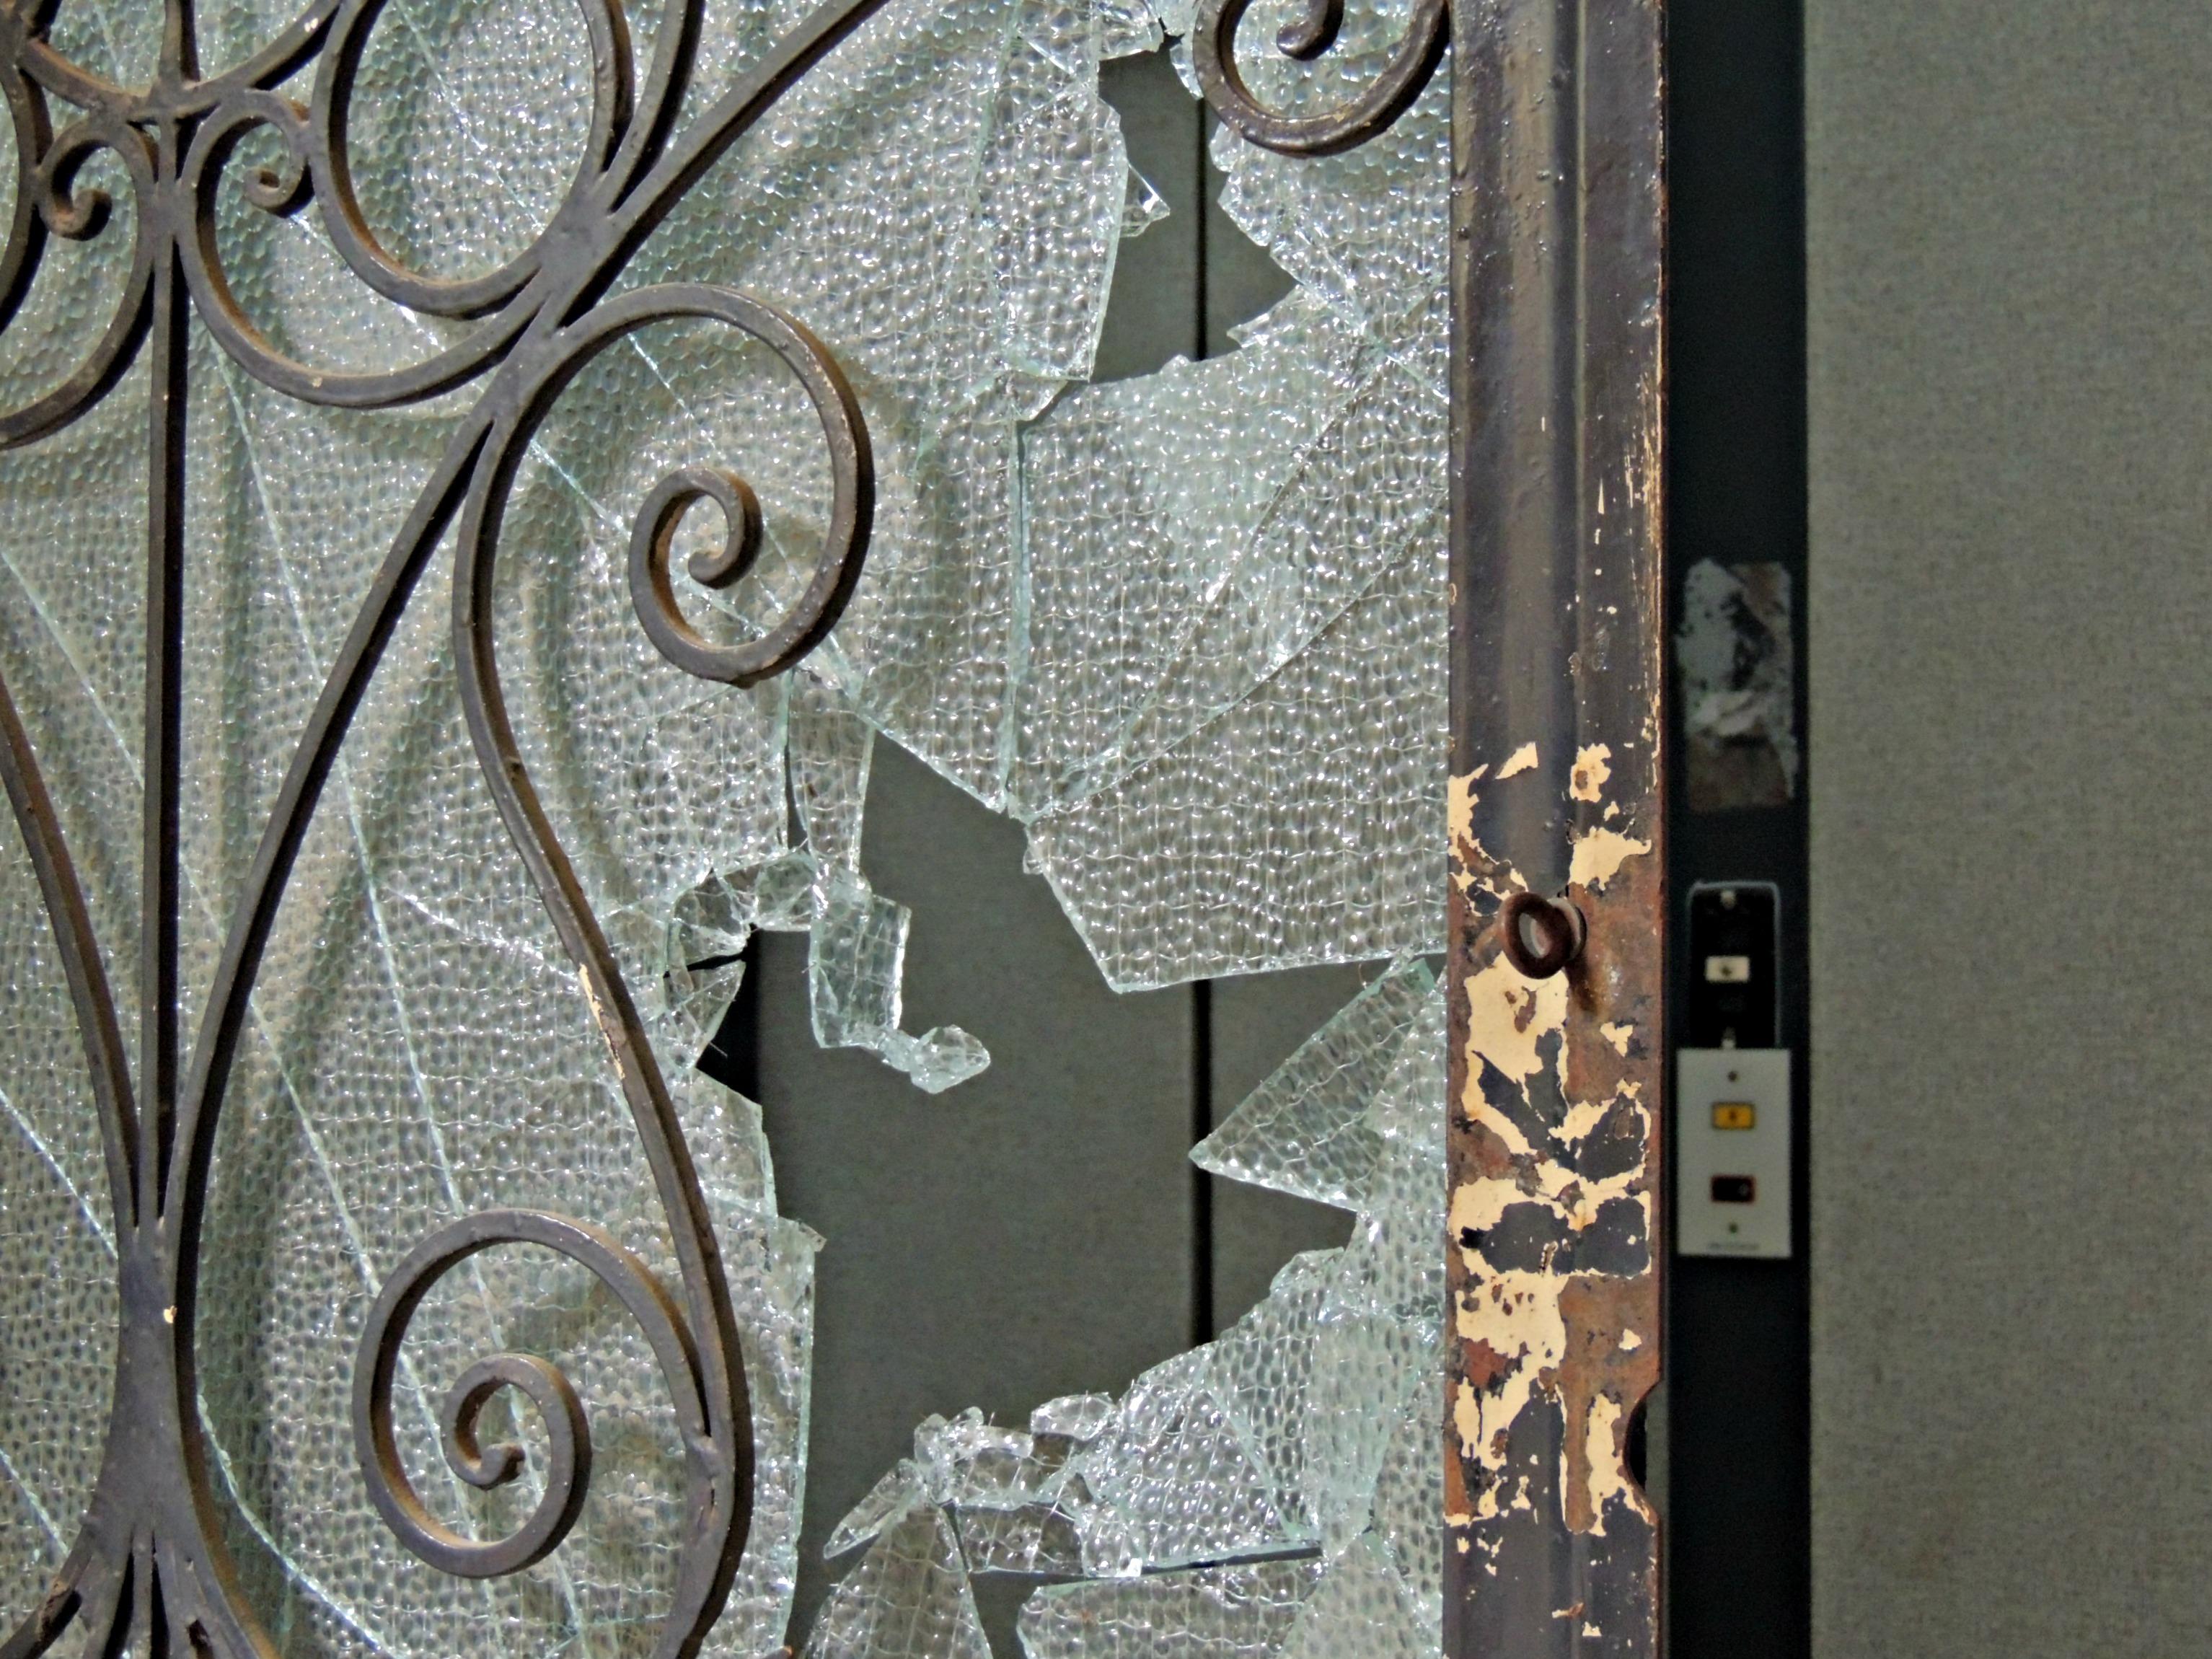 La teoria delle finestre rotte come metafora sspig - Teoria delle finestre rotte sociologia ...